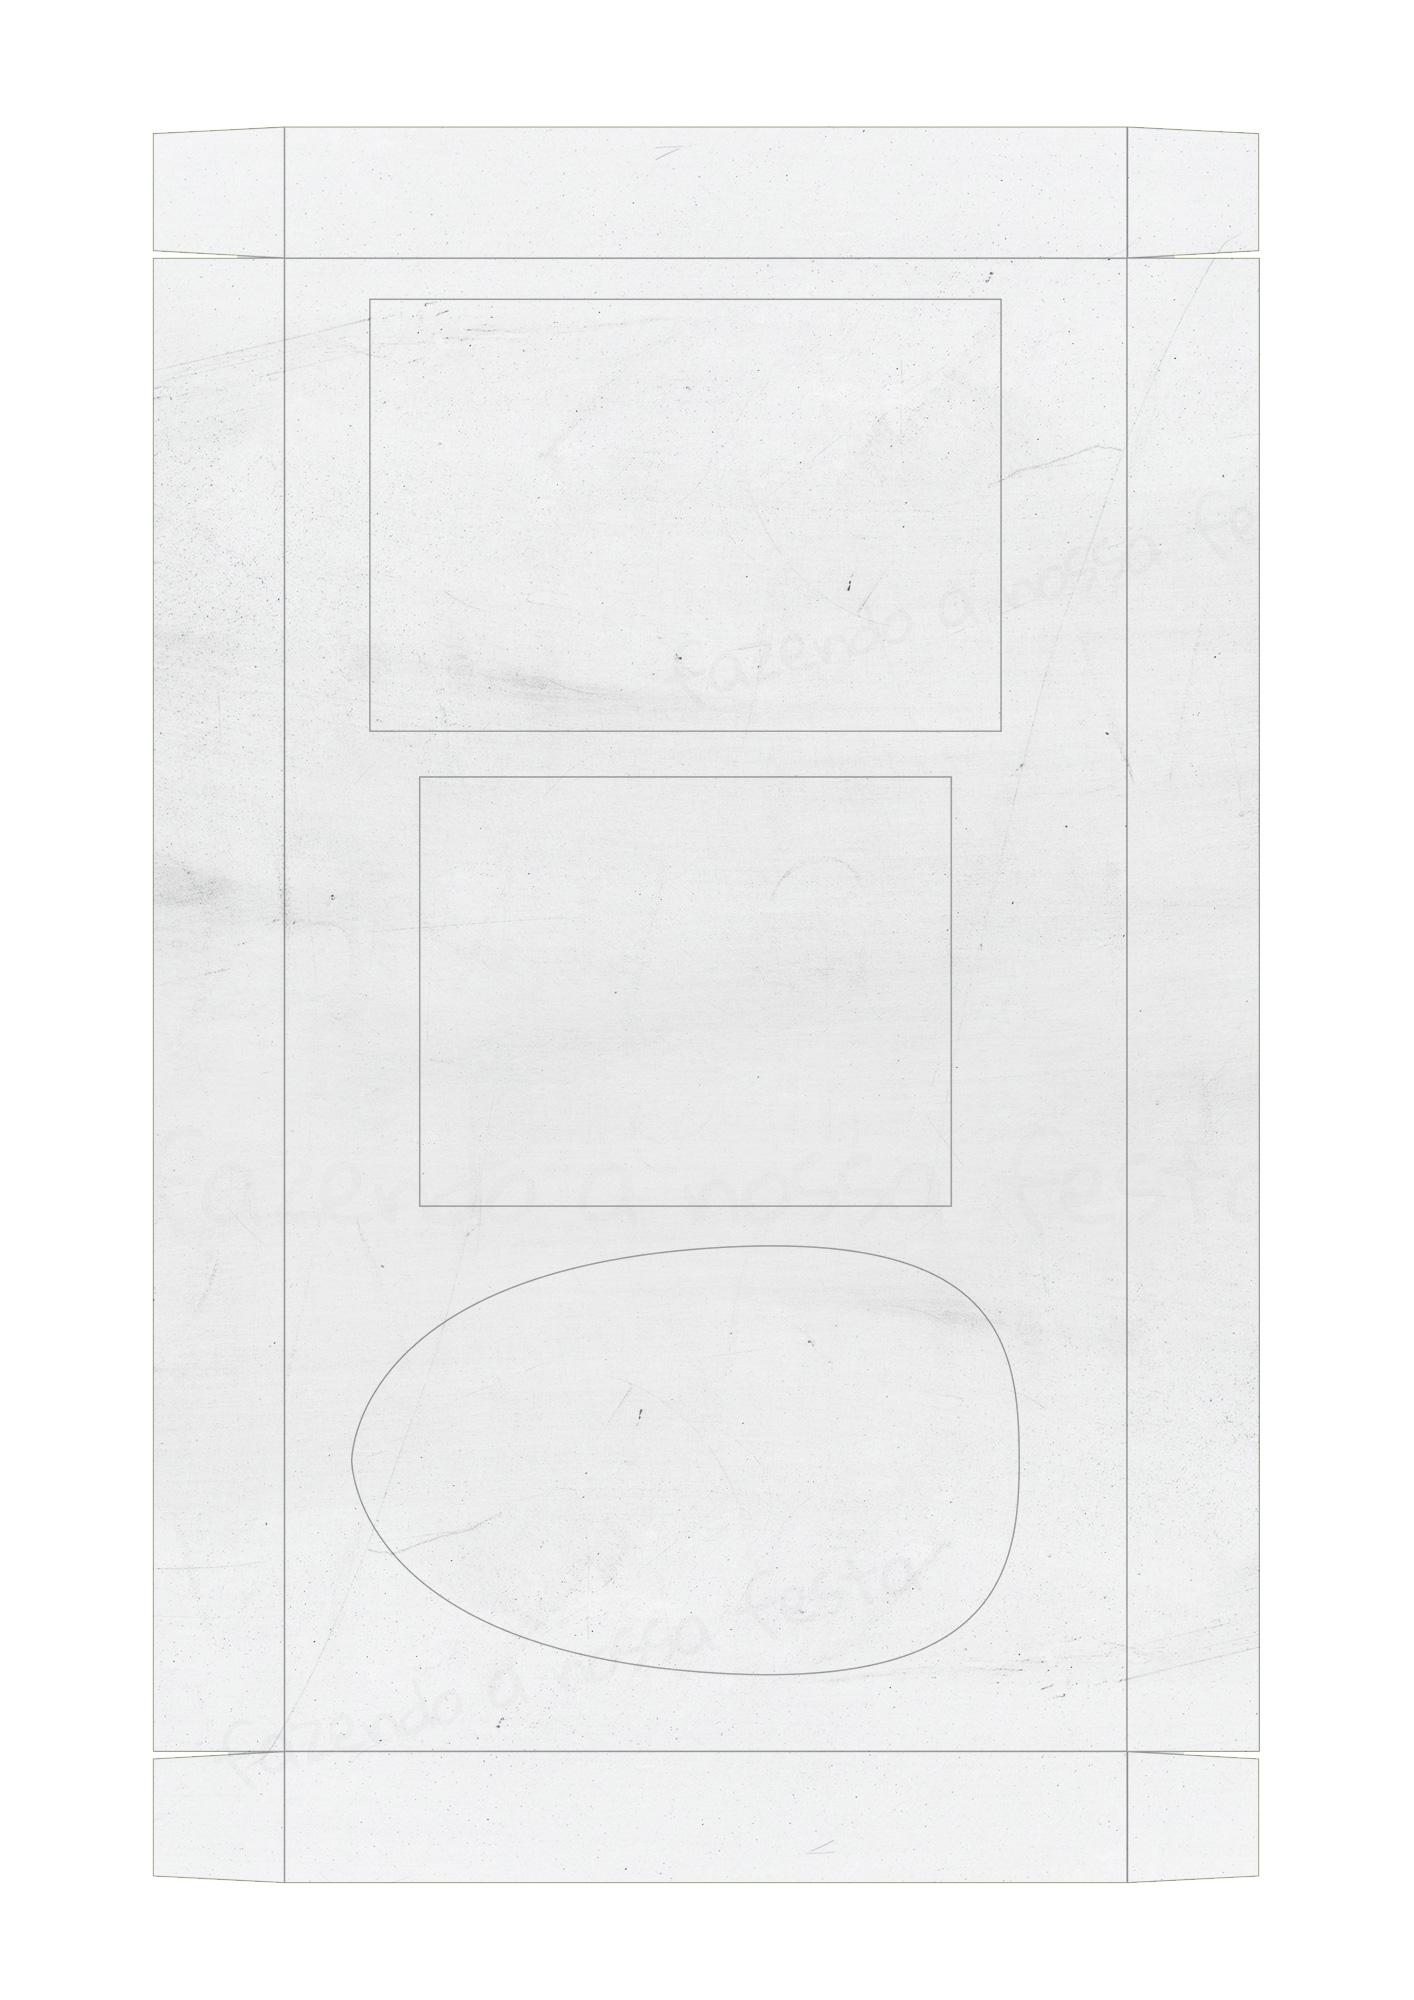 Caixa Kit Confeiteiro para Páscoa - parte de dentro